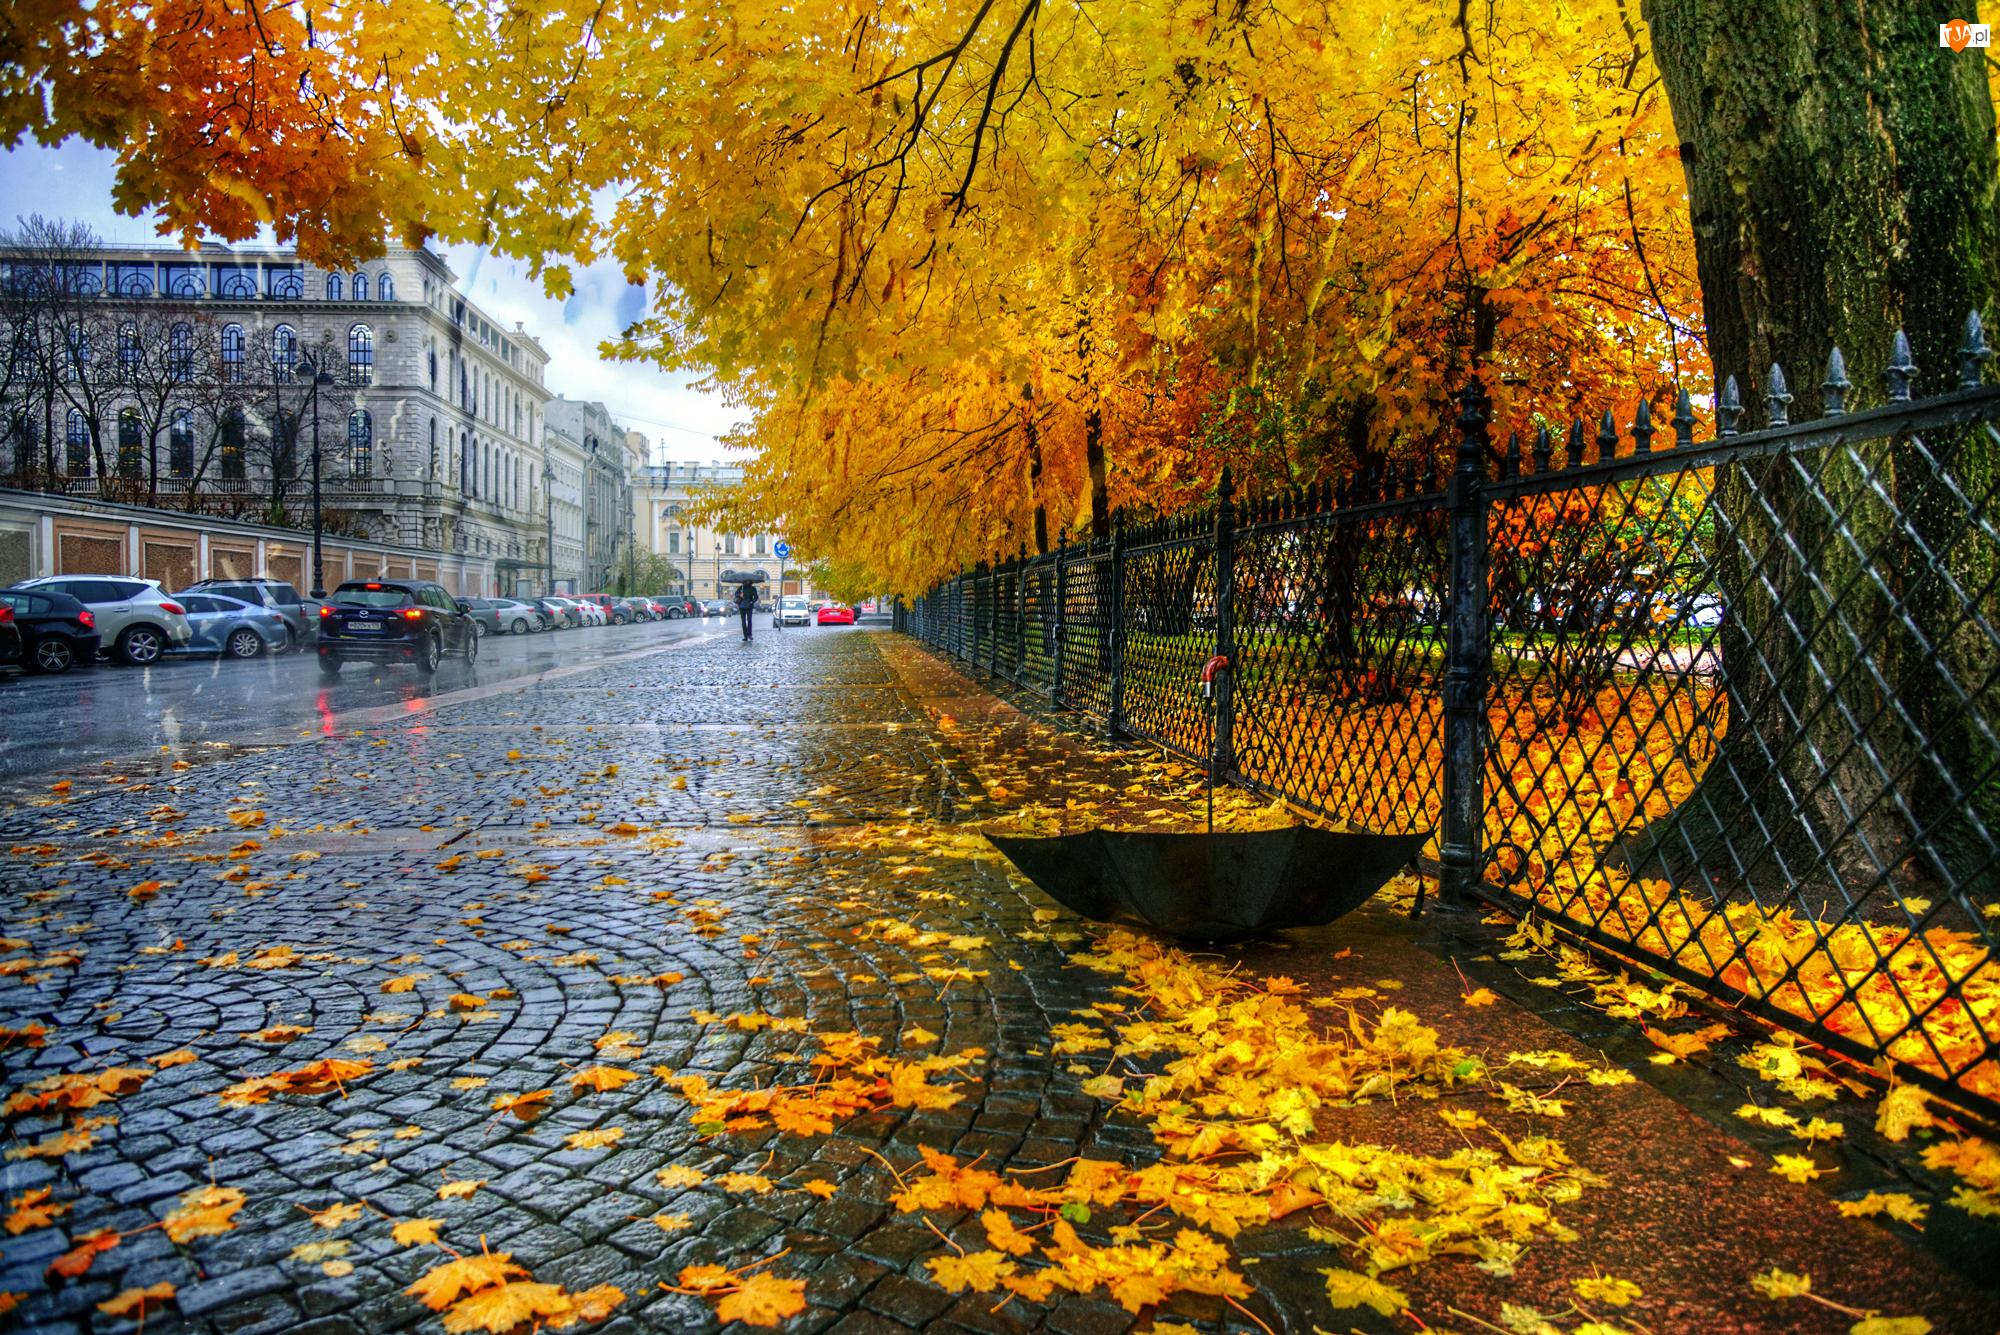 Parasol, Budynki, Ulica, Drzewa, Jesień, Liście, Deszcz, Samochody